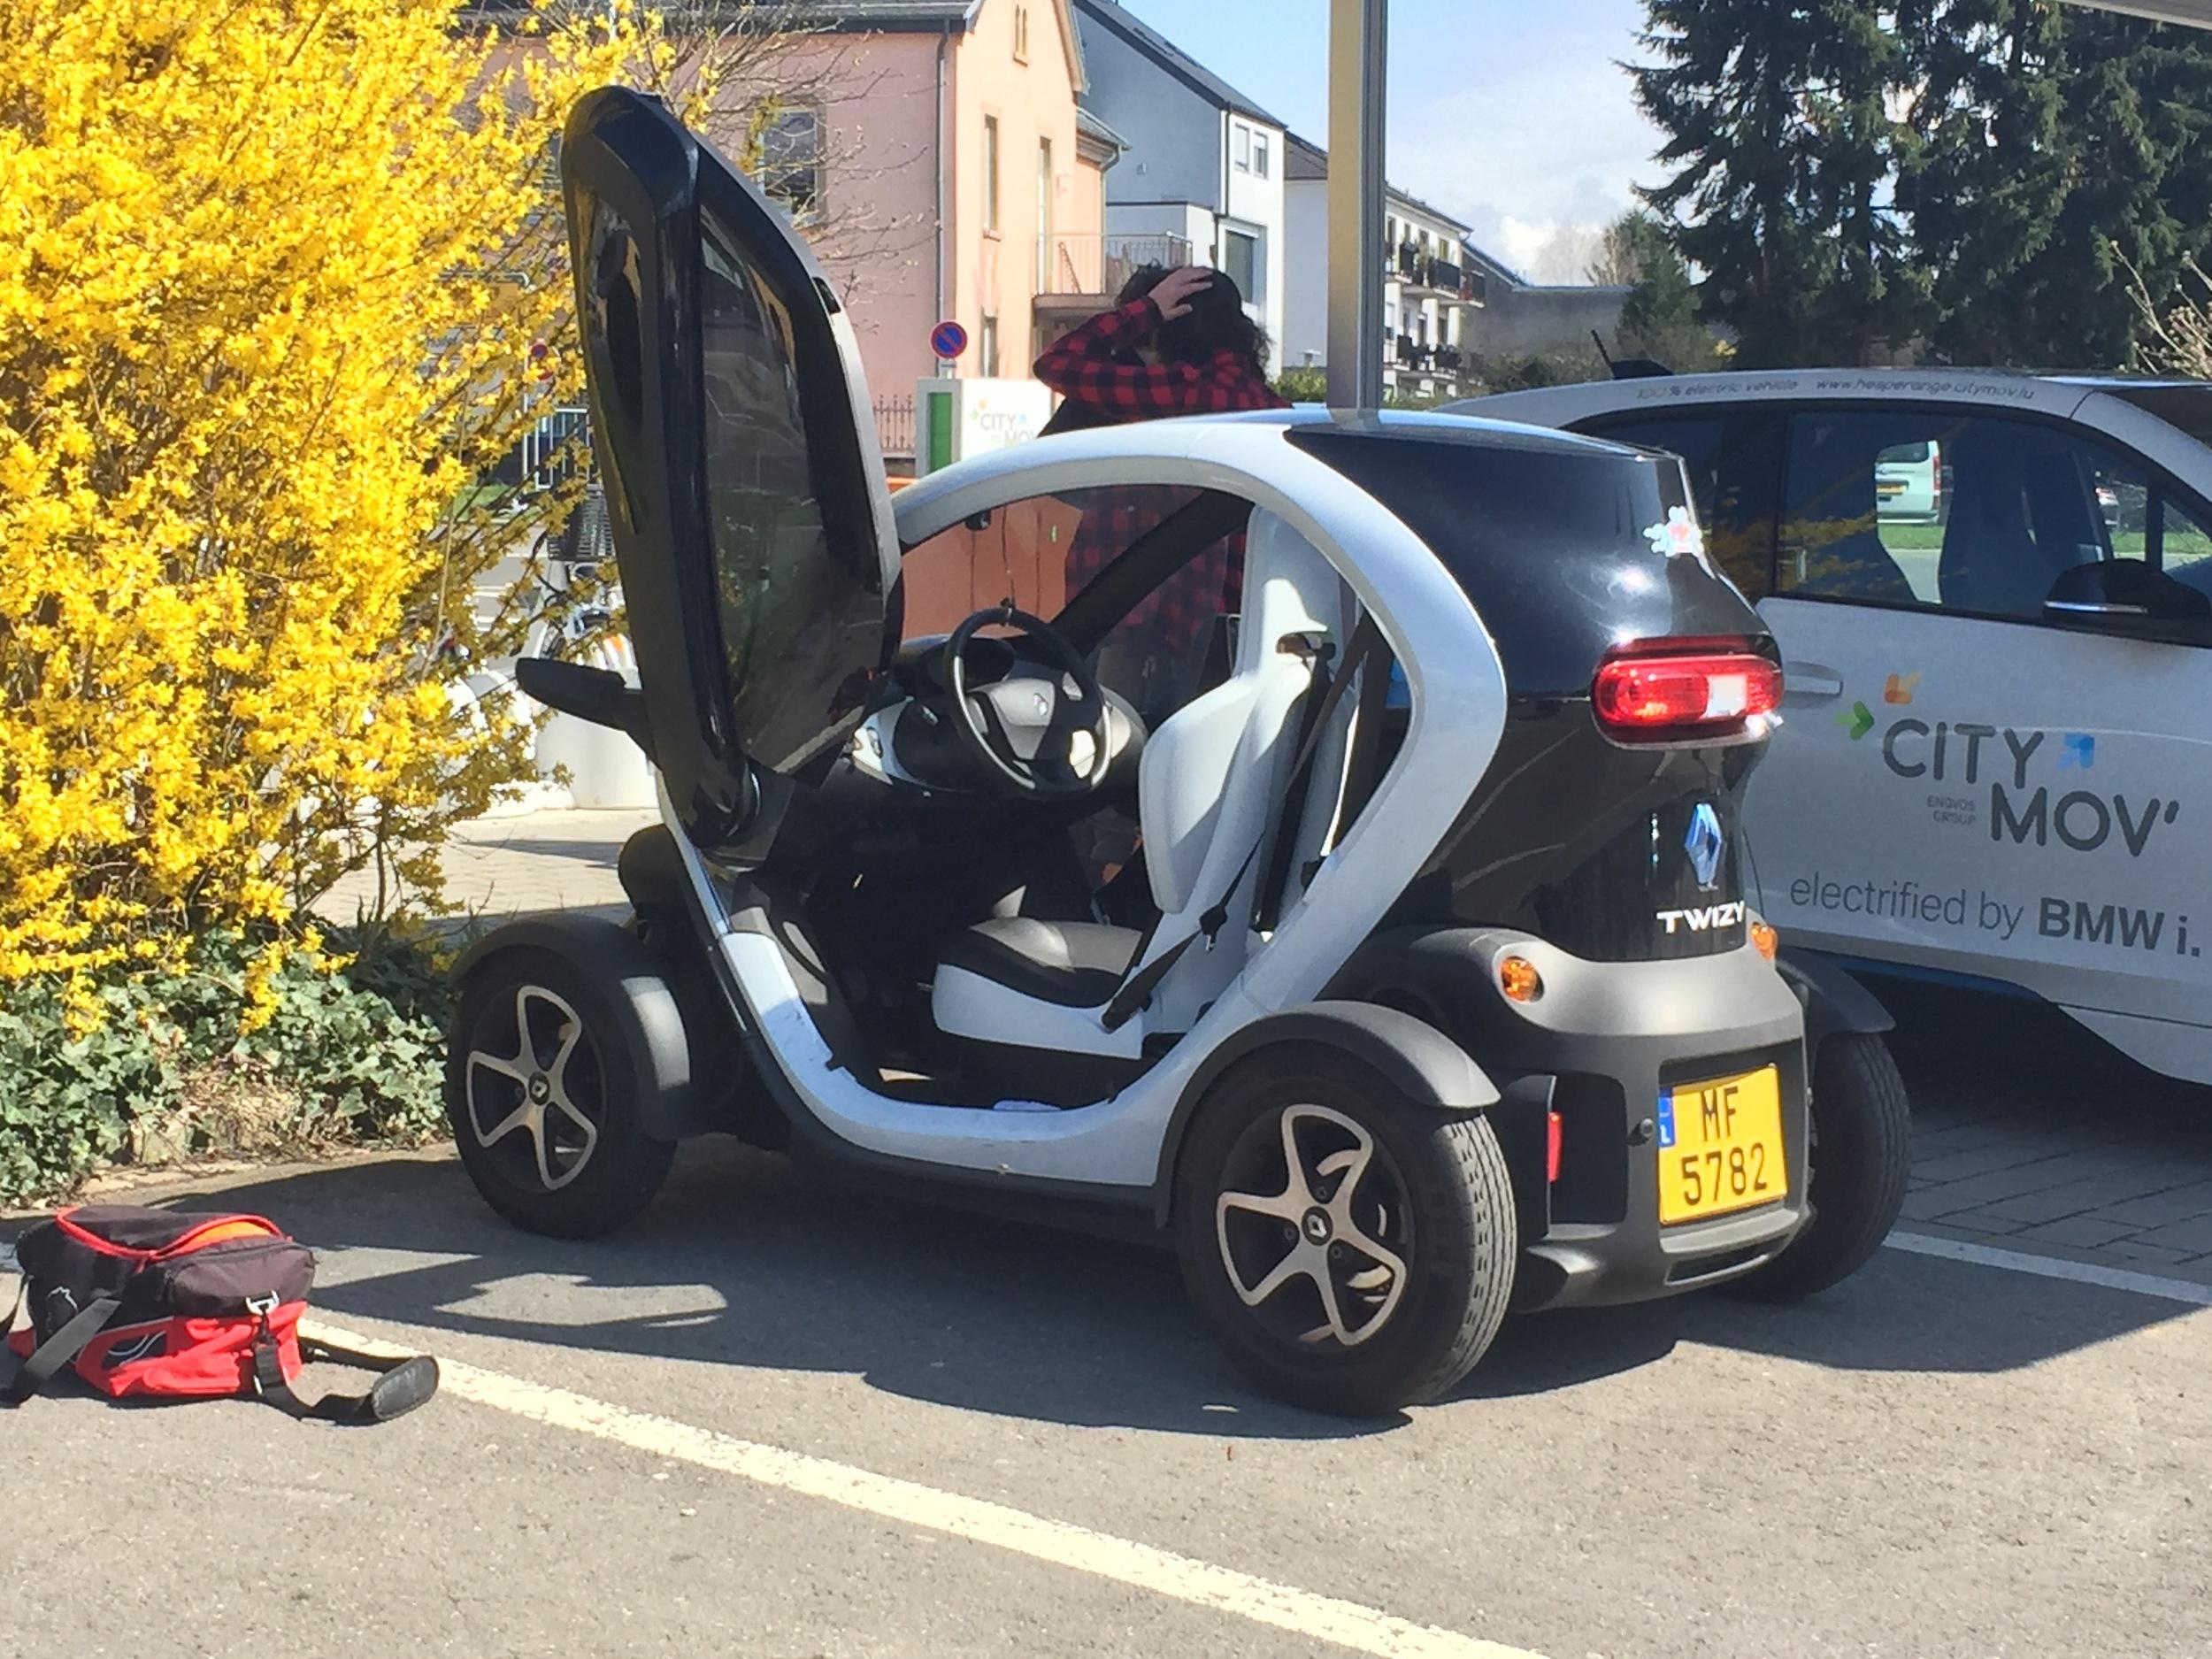 Les automobiles sont définitivement plus petites en Europe. Et celle-ci est électrique par-dessus le marché!